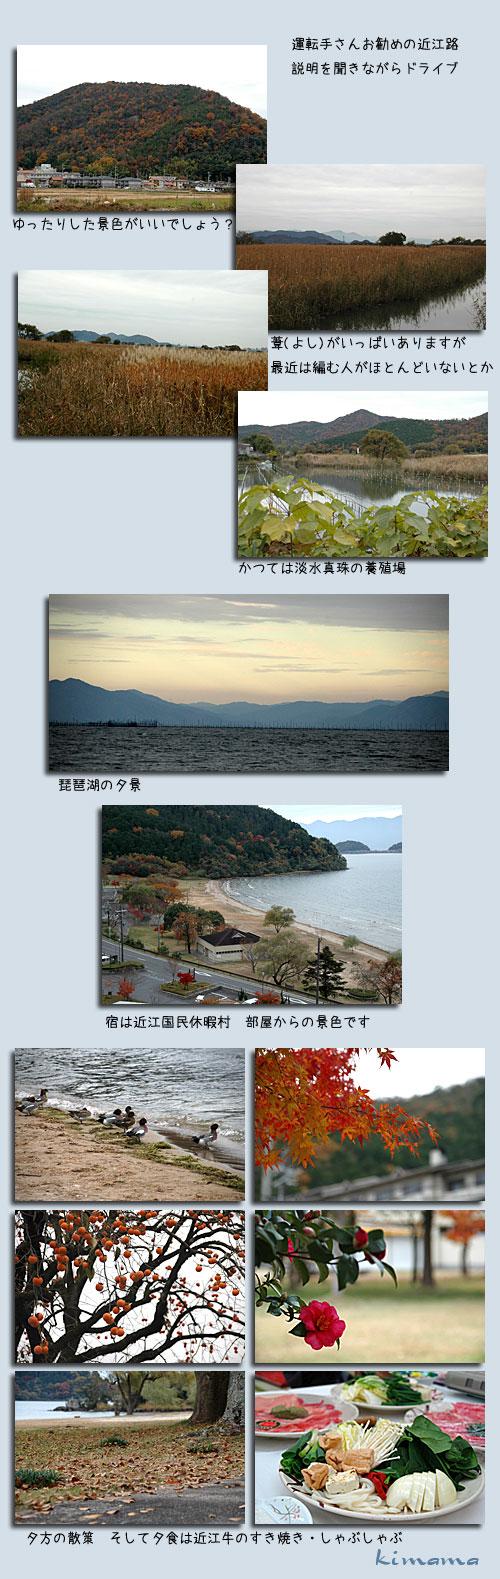 12月4日近江八幡2